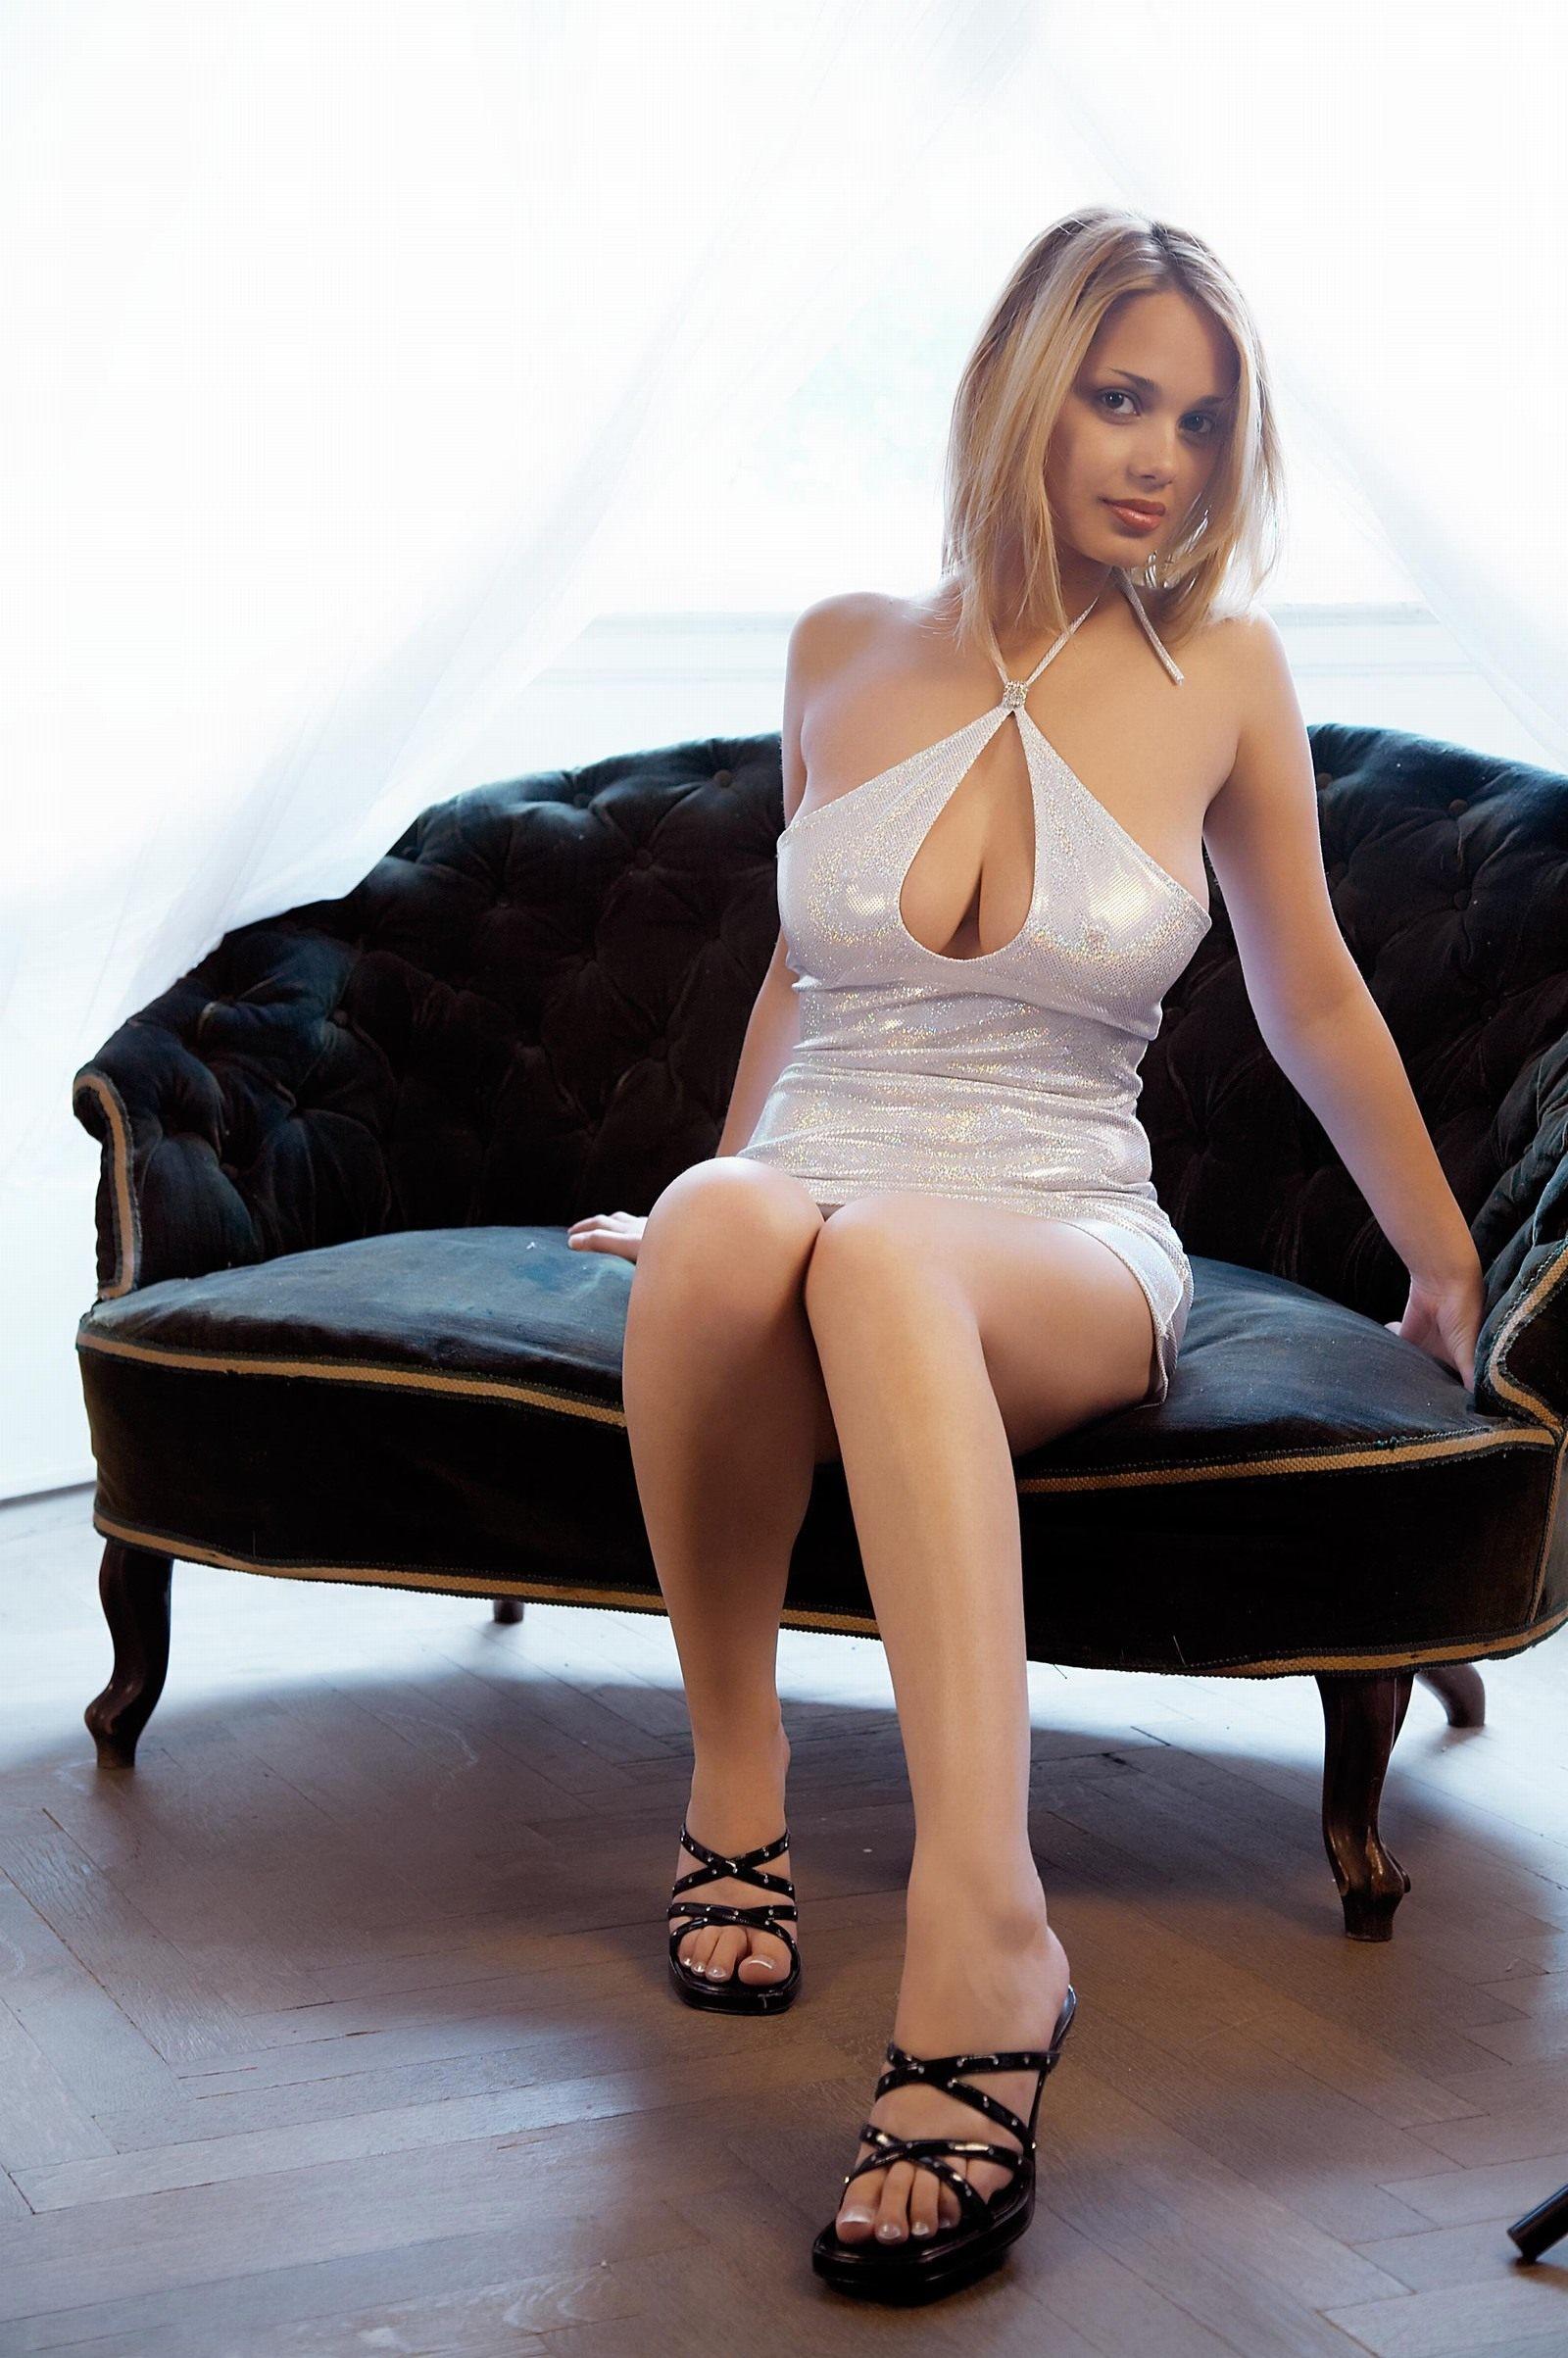 【转载】[西女] 银色紧裙好迷人,身材超一流(无水印高清7P) - 公主 - 平面媒体中心公主的博客